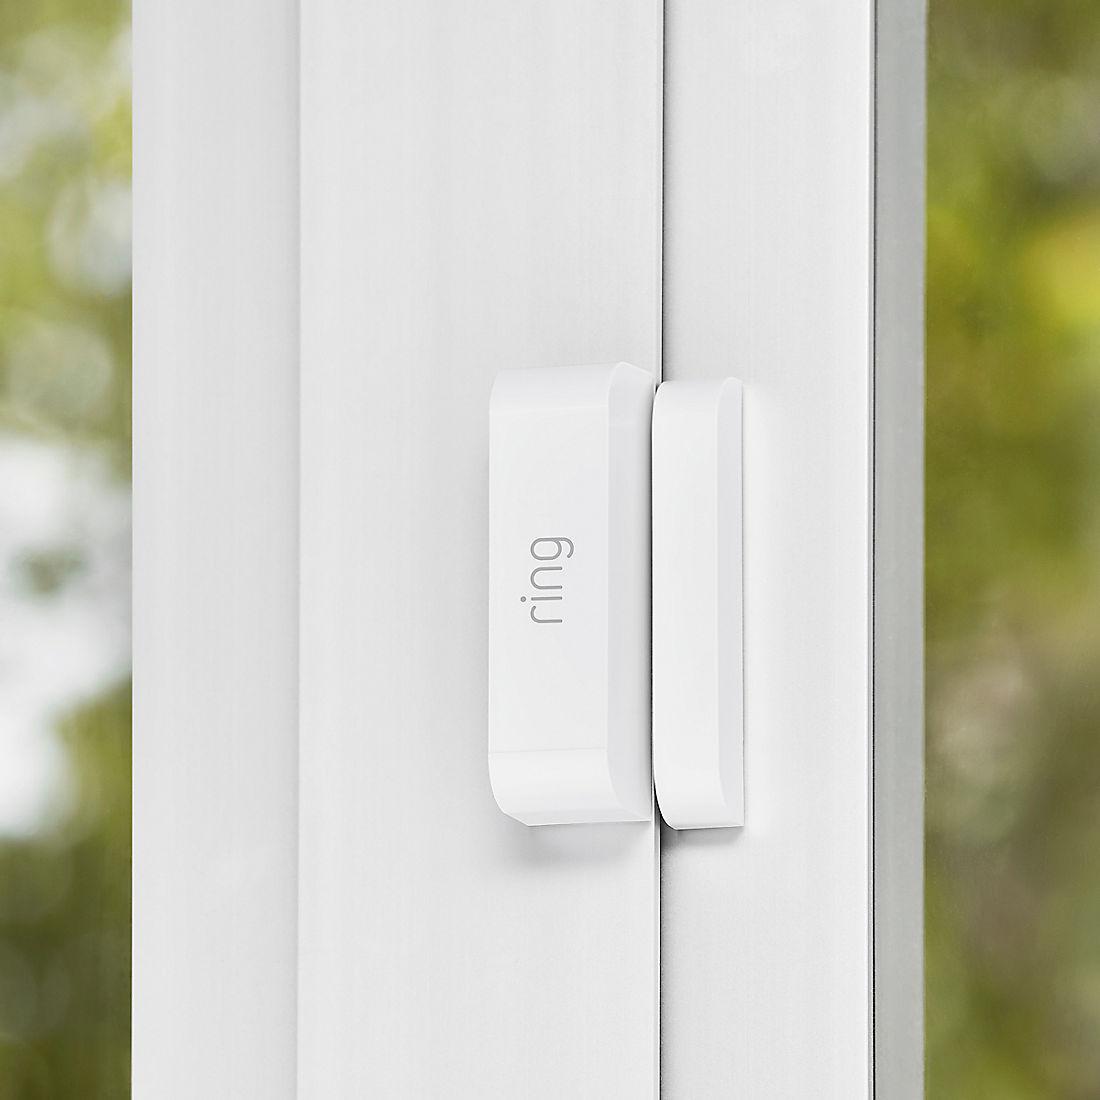 Ring Alarm Security Kit with Bonus Contact Sensor